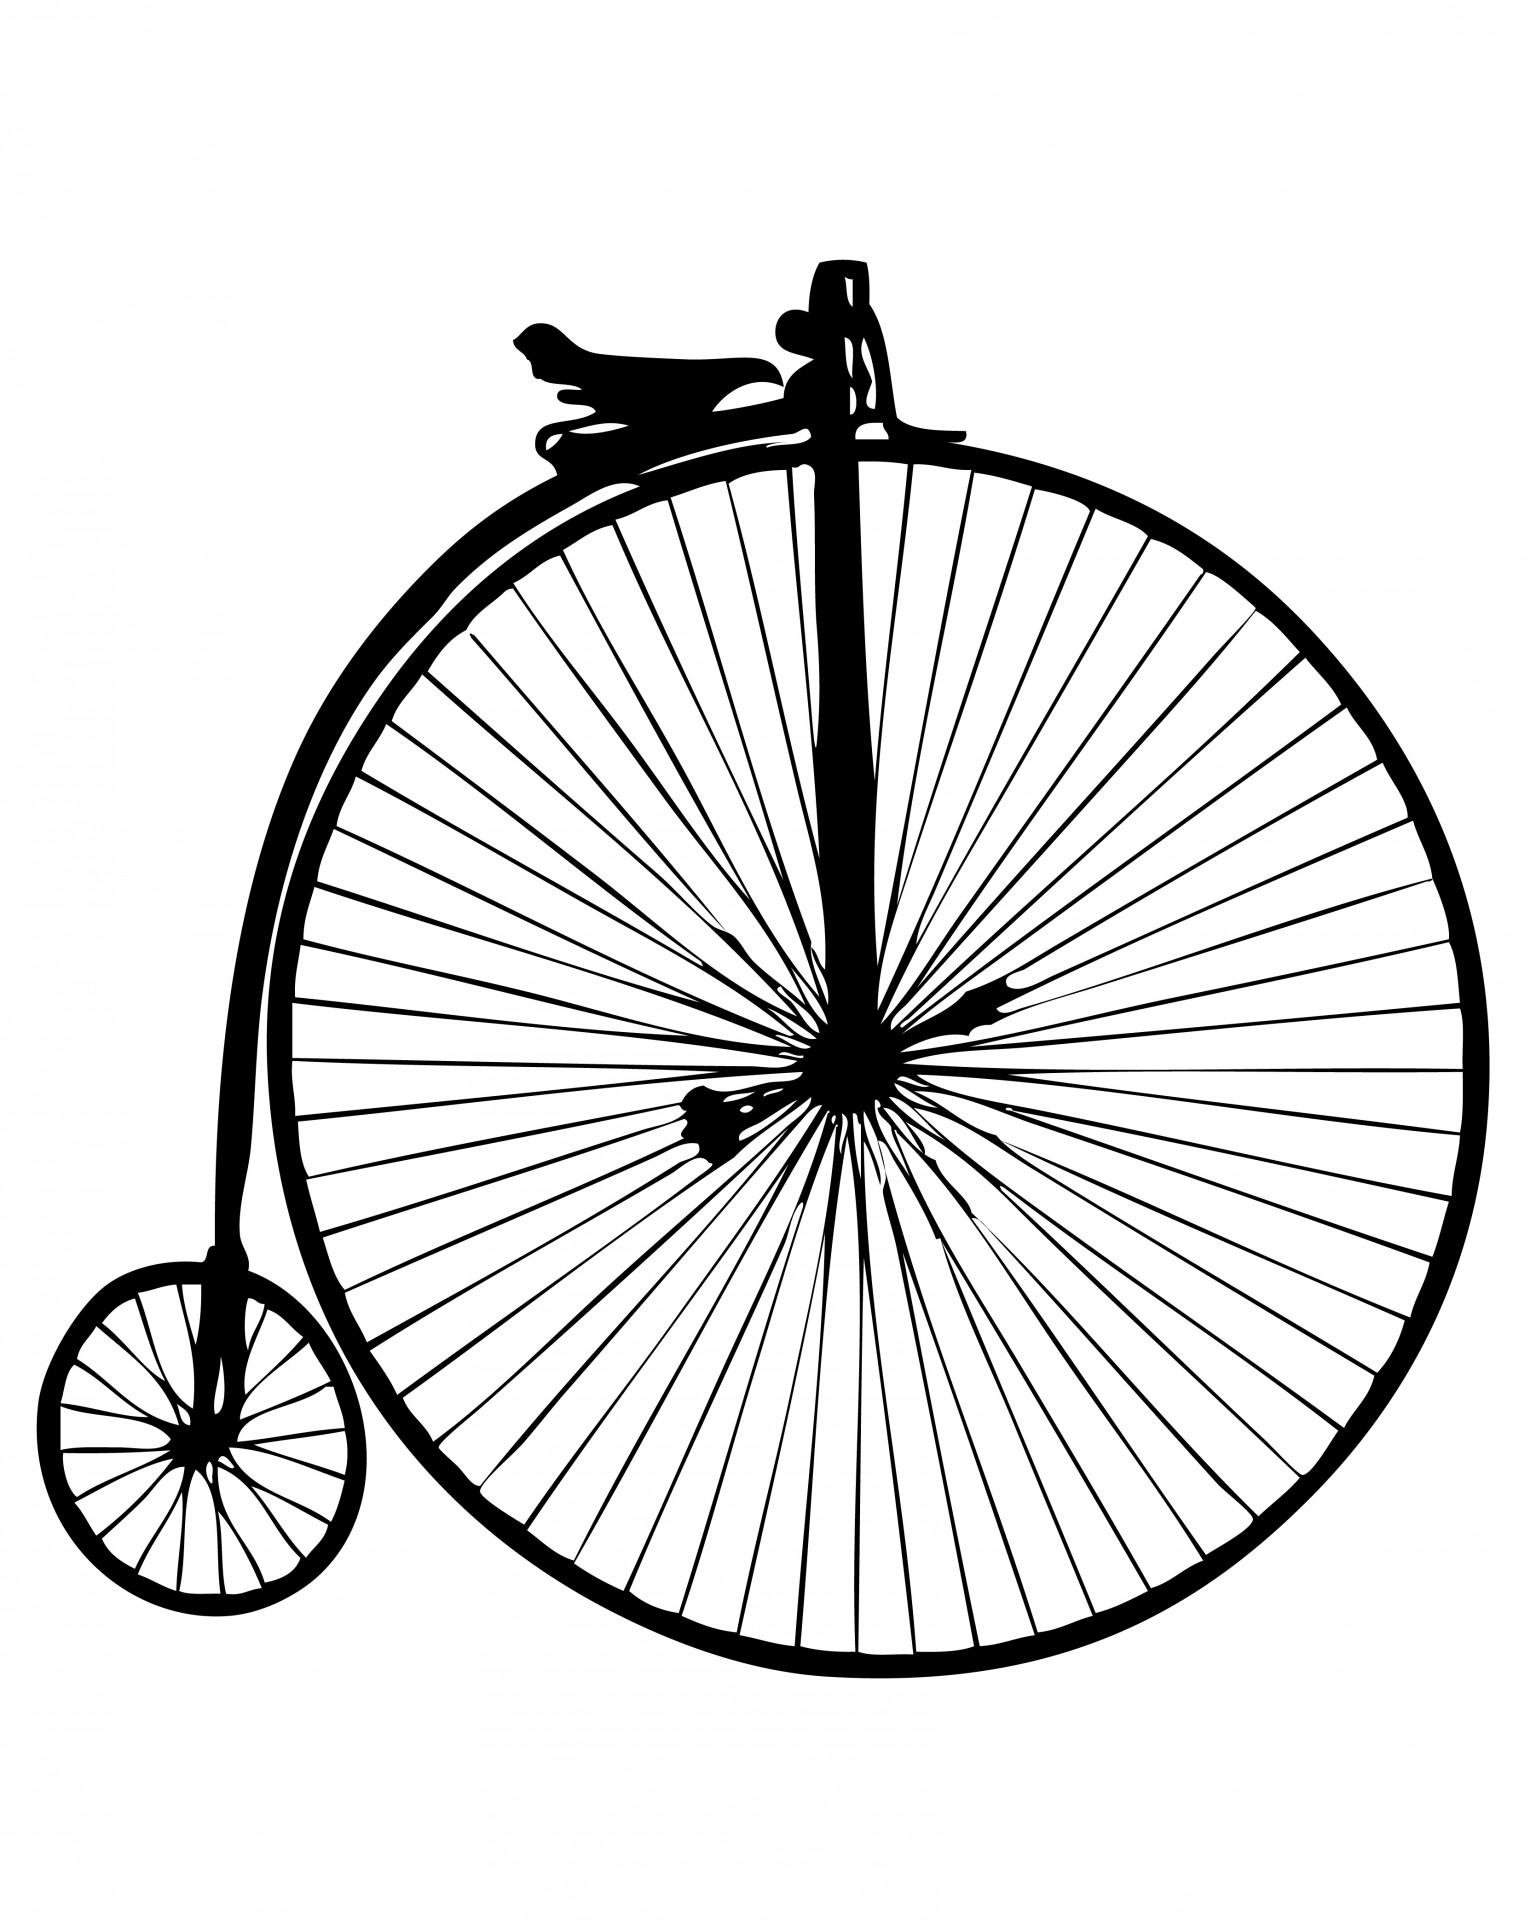 1536x1920 Pennyampnbspfarthing, Vintage, Bicycle, Bike, Old